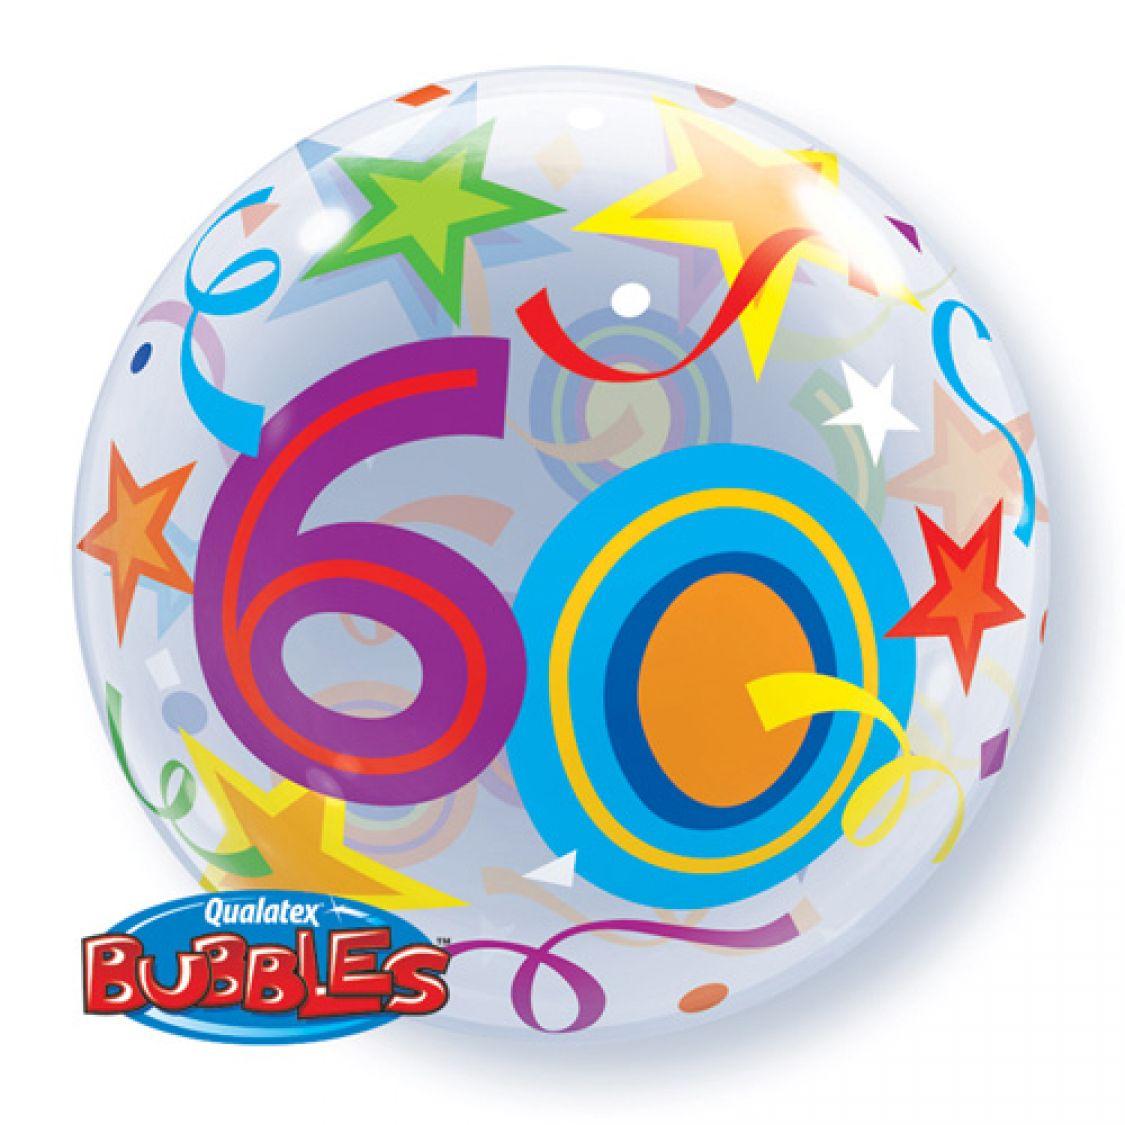 Ballon bubble chiffre 60 anniversaire - Clipart anniversaire 60 ans ...